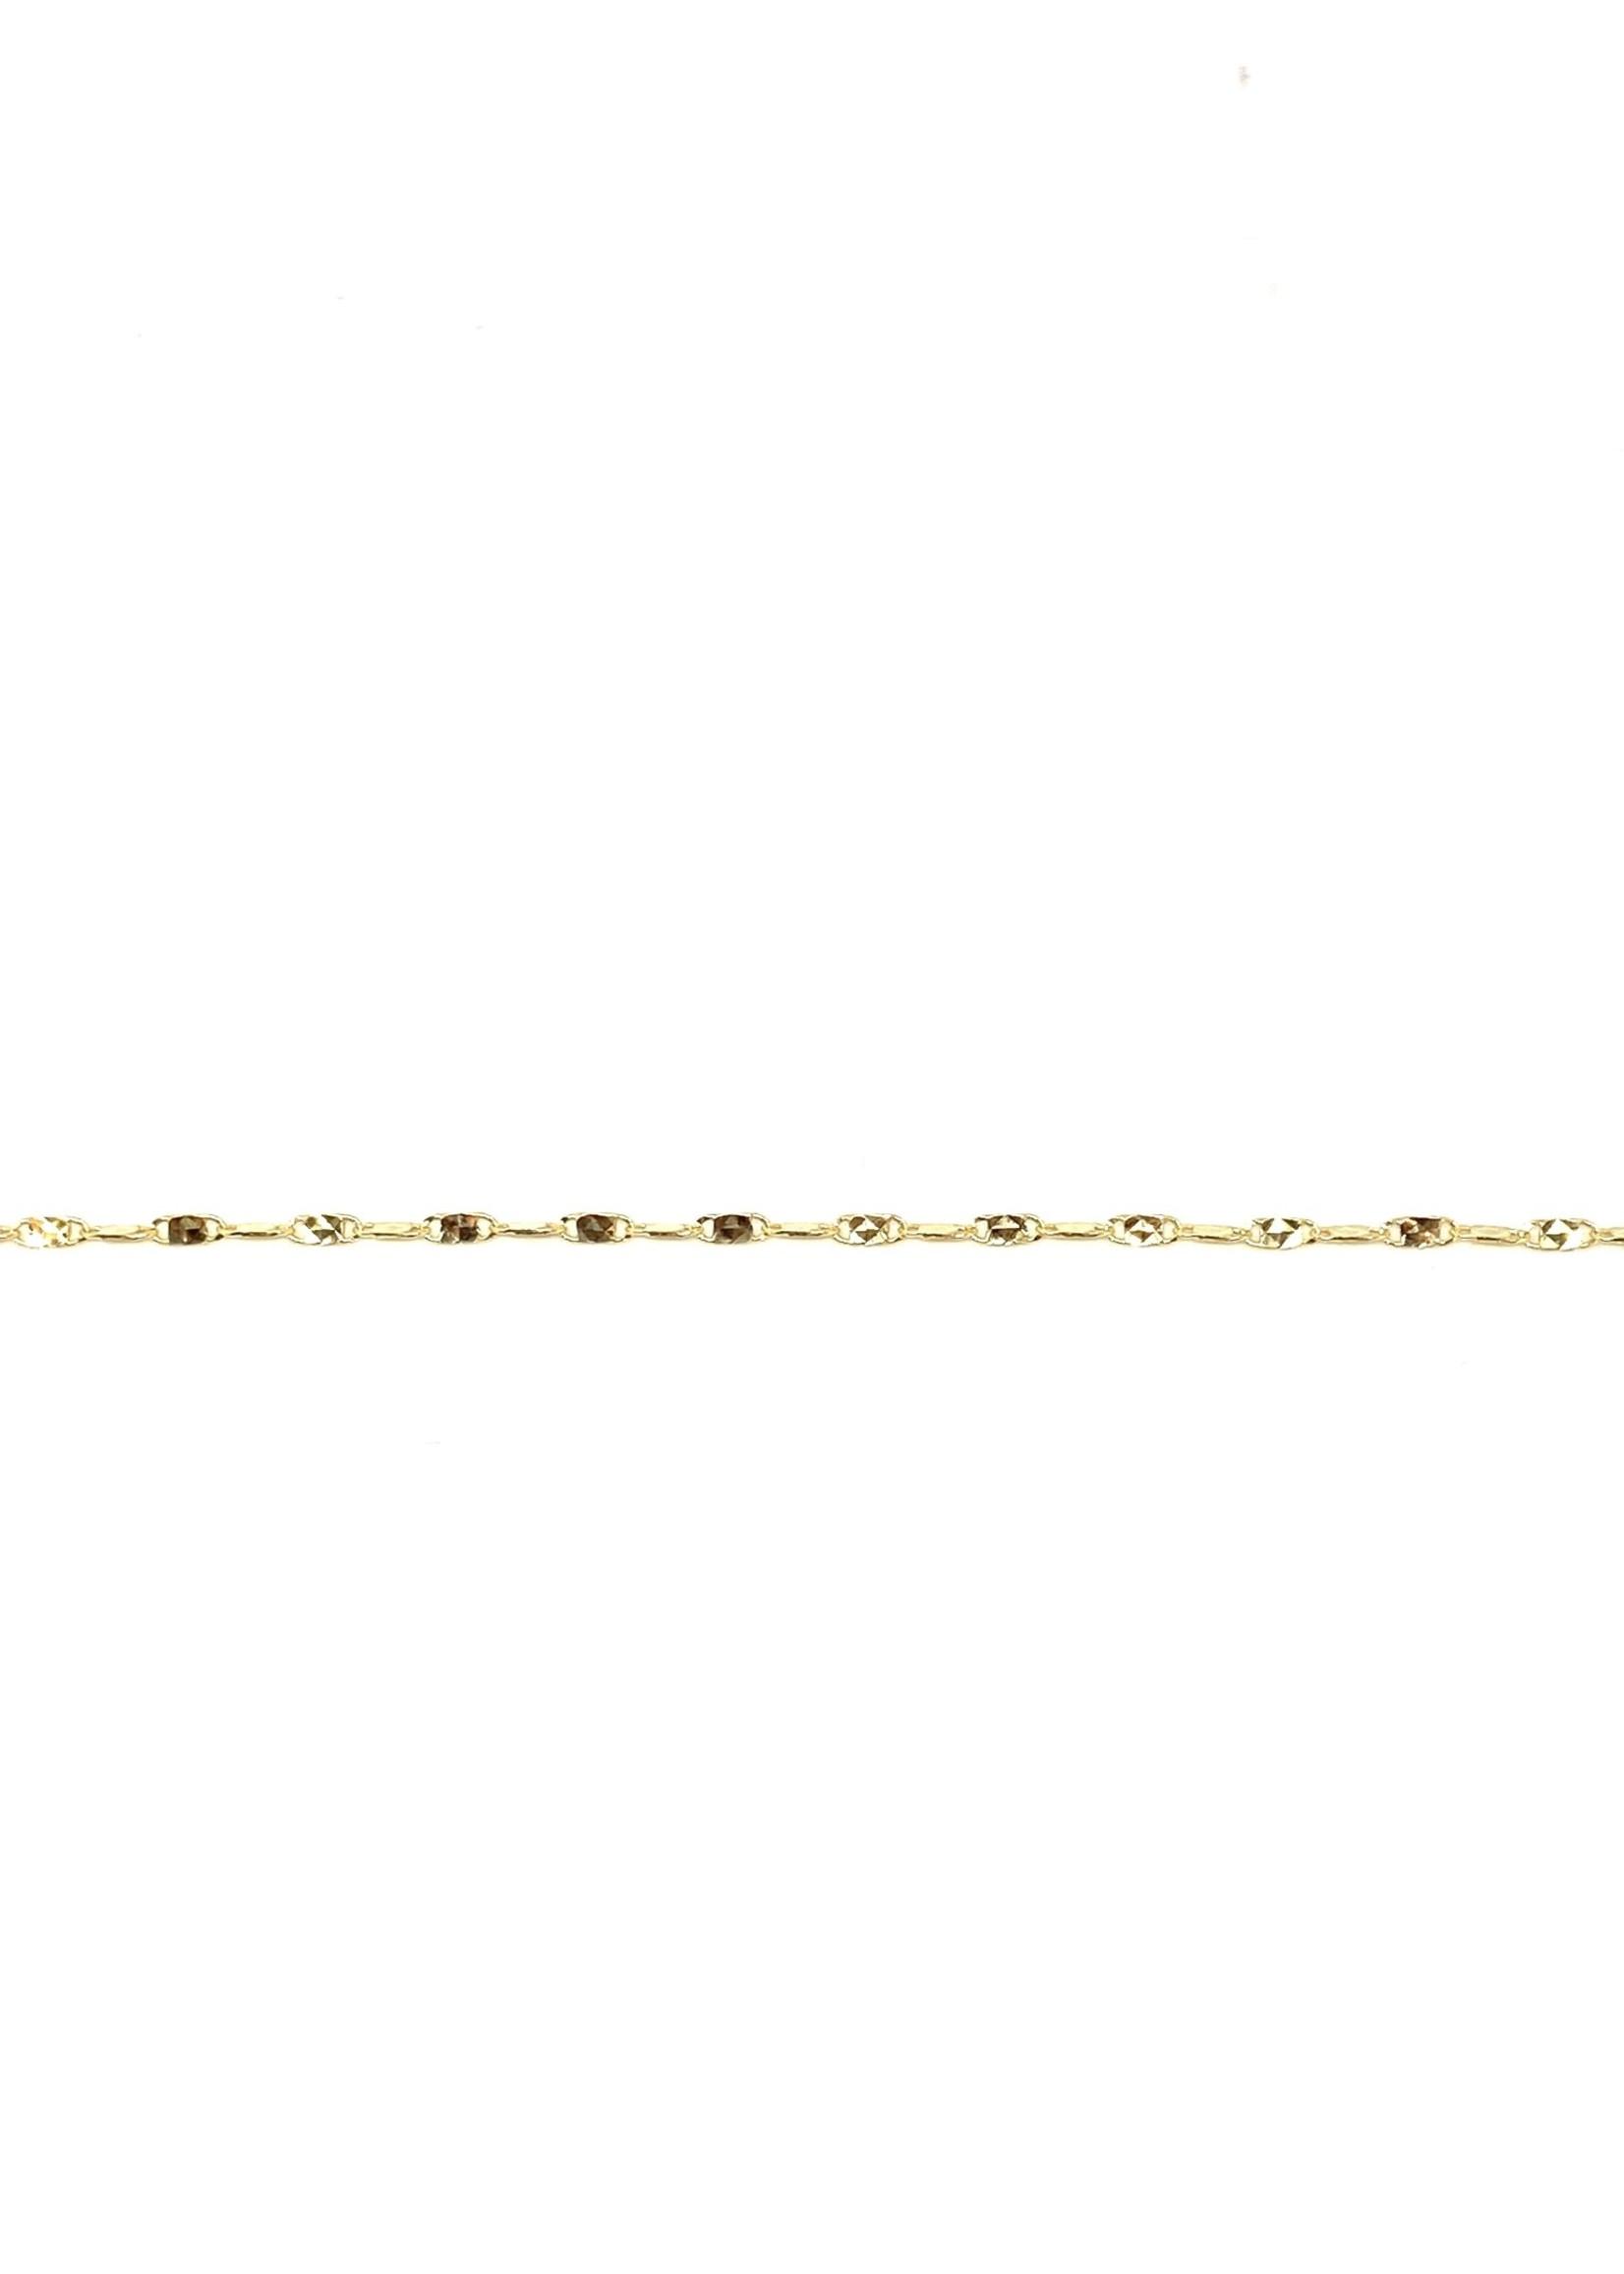 PARÉ Chaine cheville LPDX 10K or jaune